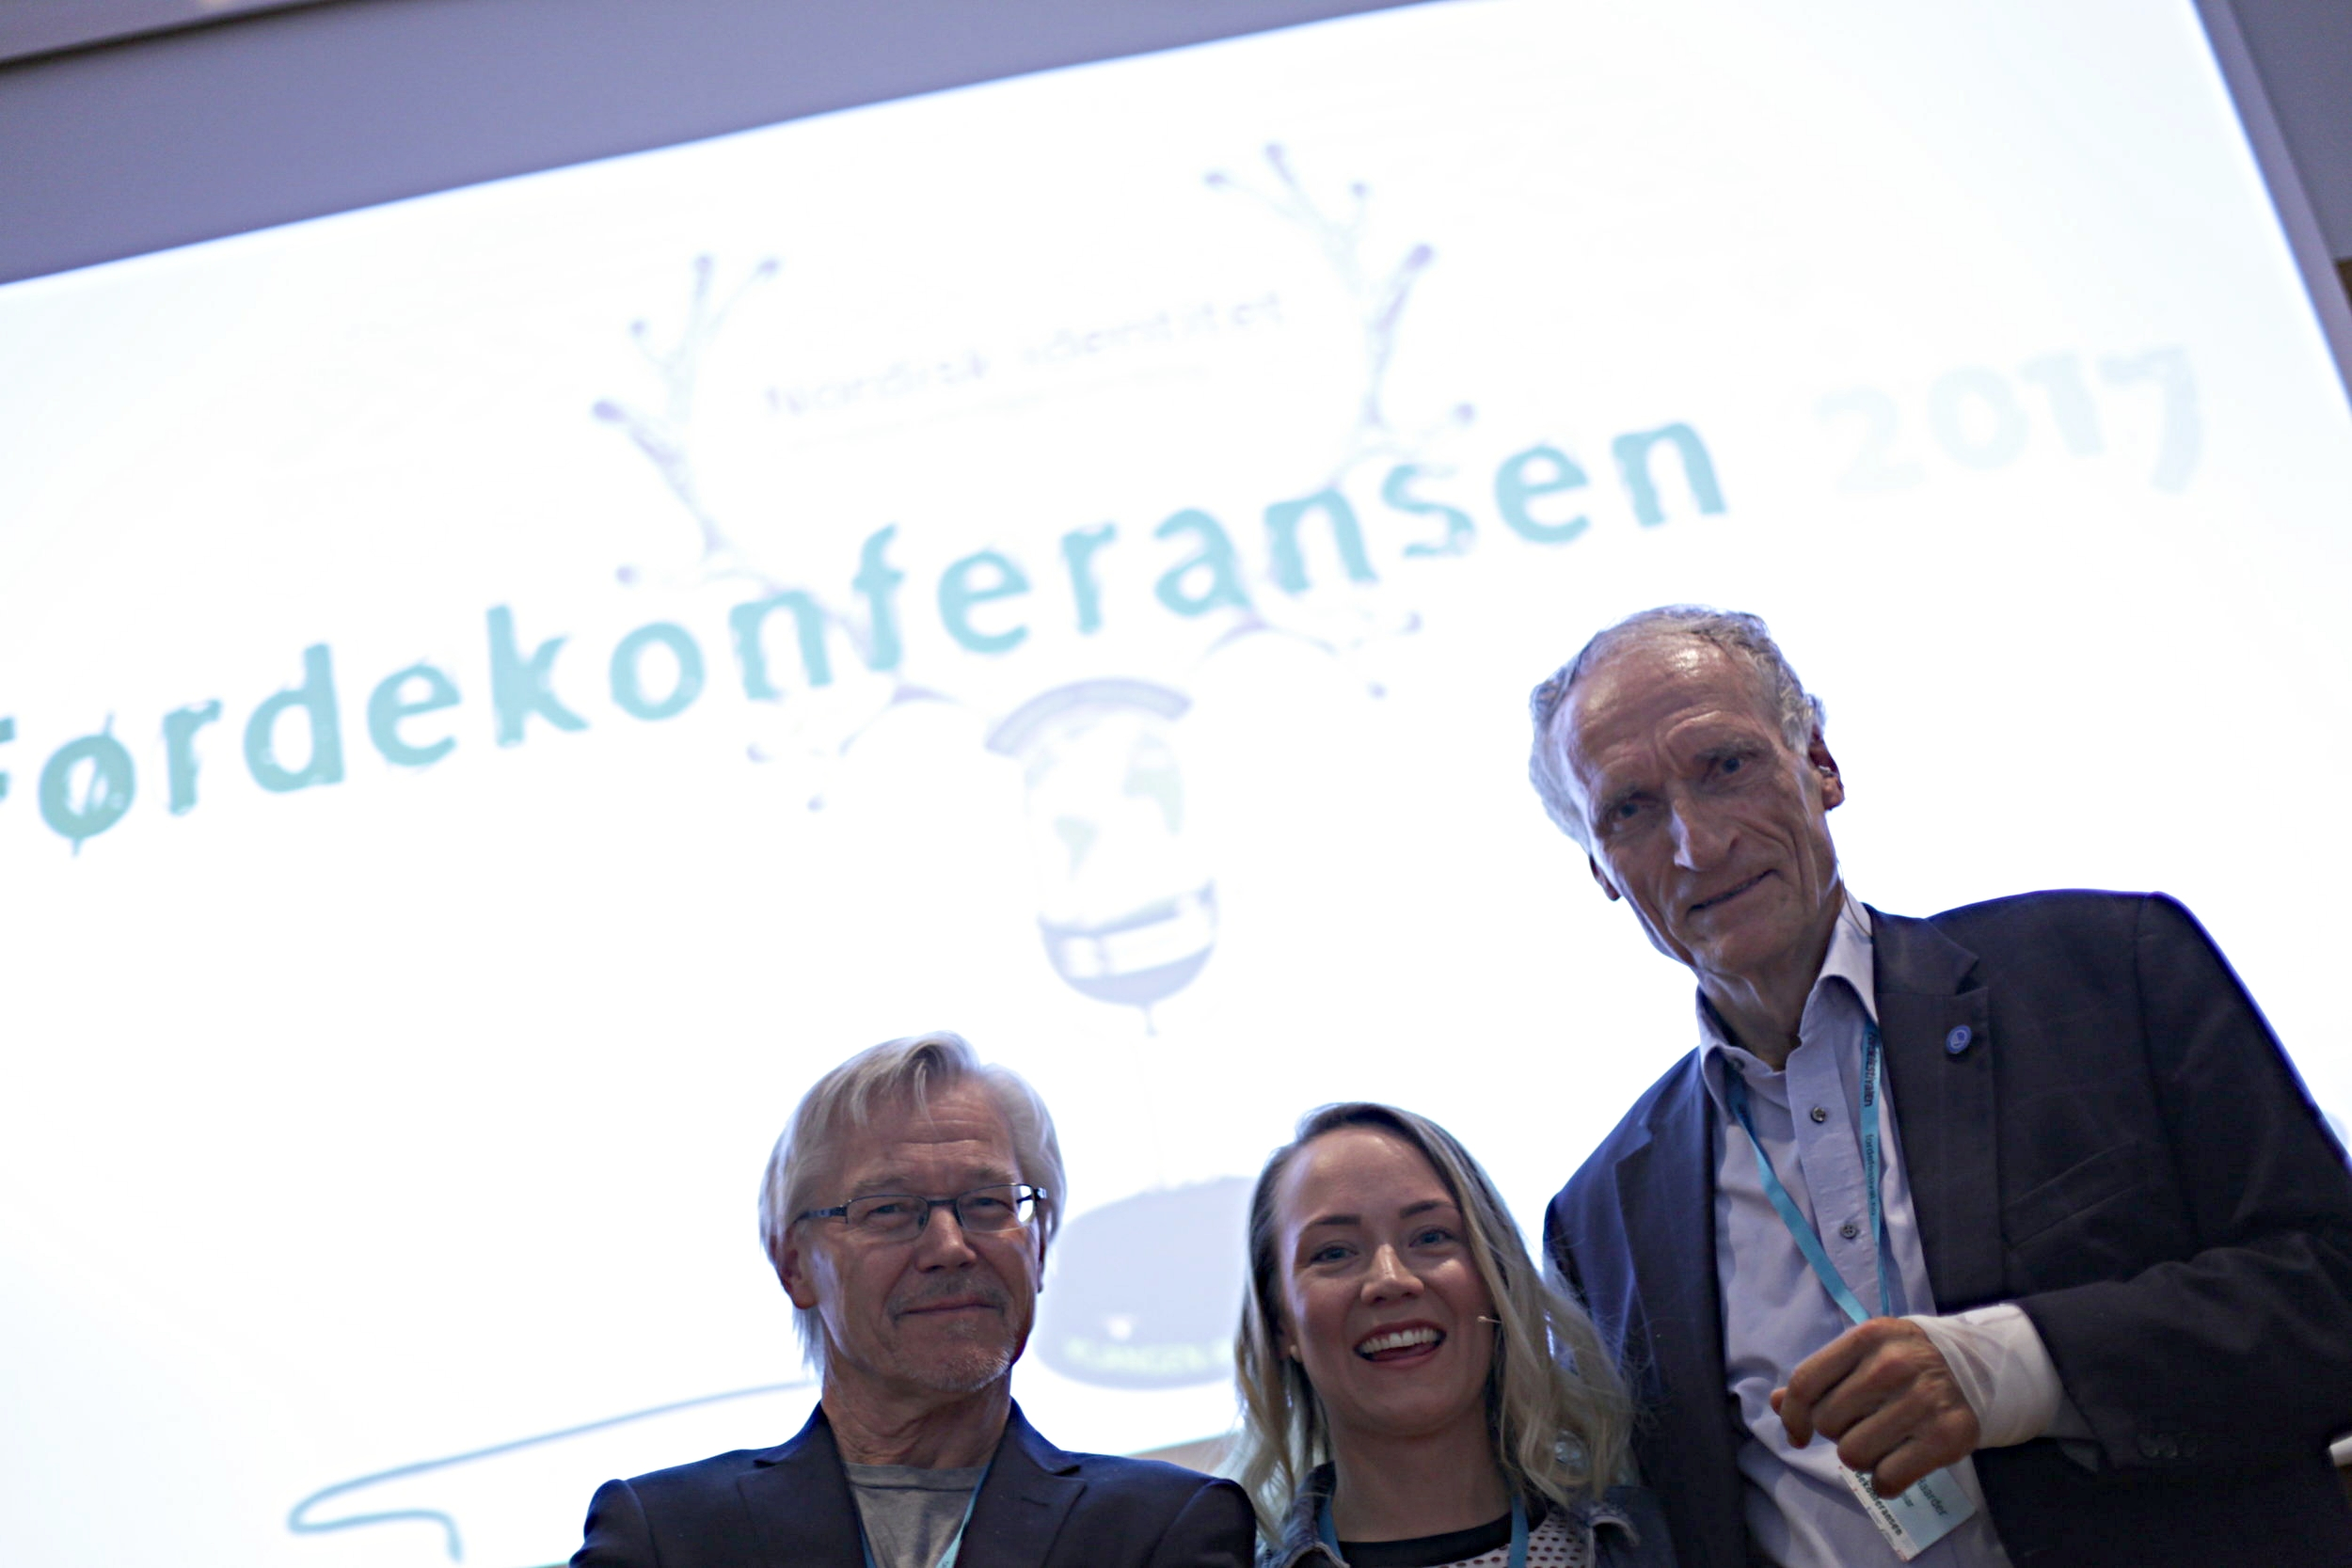 Artisten Elle Márjá Eira - flankert av Sylfest Lomheim og Bertel Haarder. ©BlackStarJournal - Heidi Hattestein